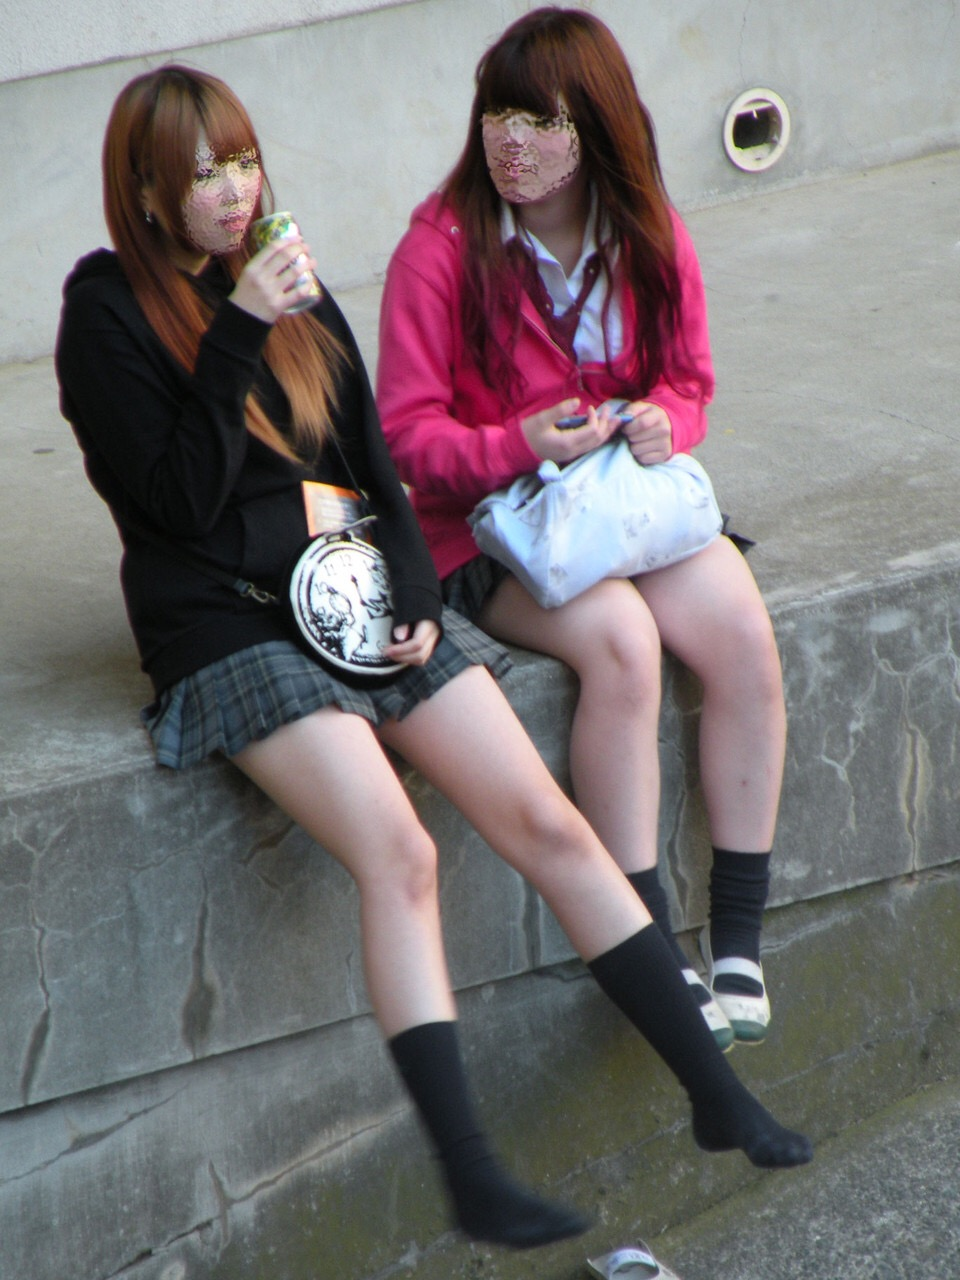 女子高生の制服が姿が好きすぎるので街撮り画像をくださいwwwwwwwwwww WTT6FVl